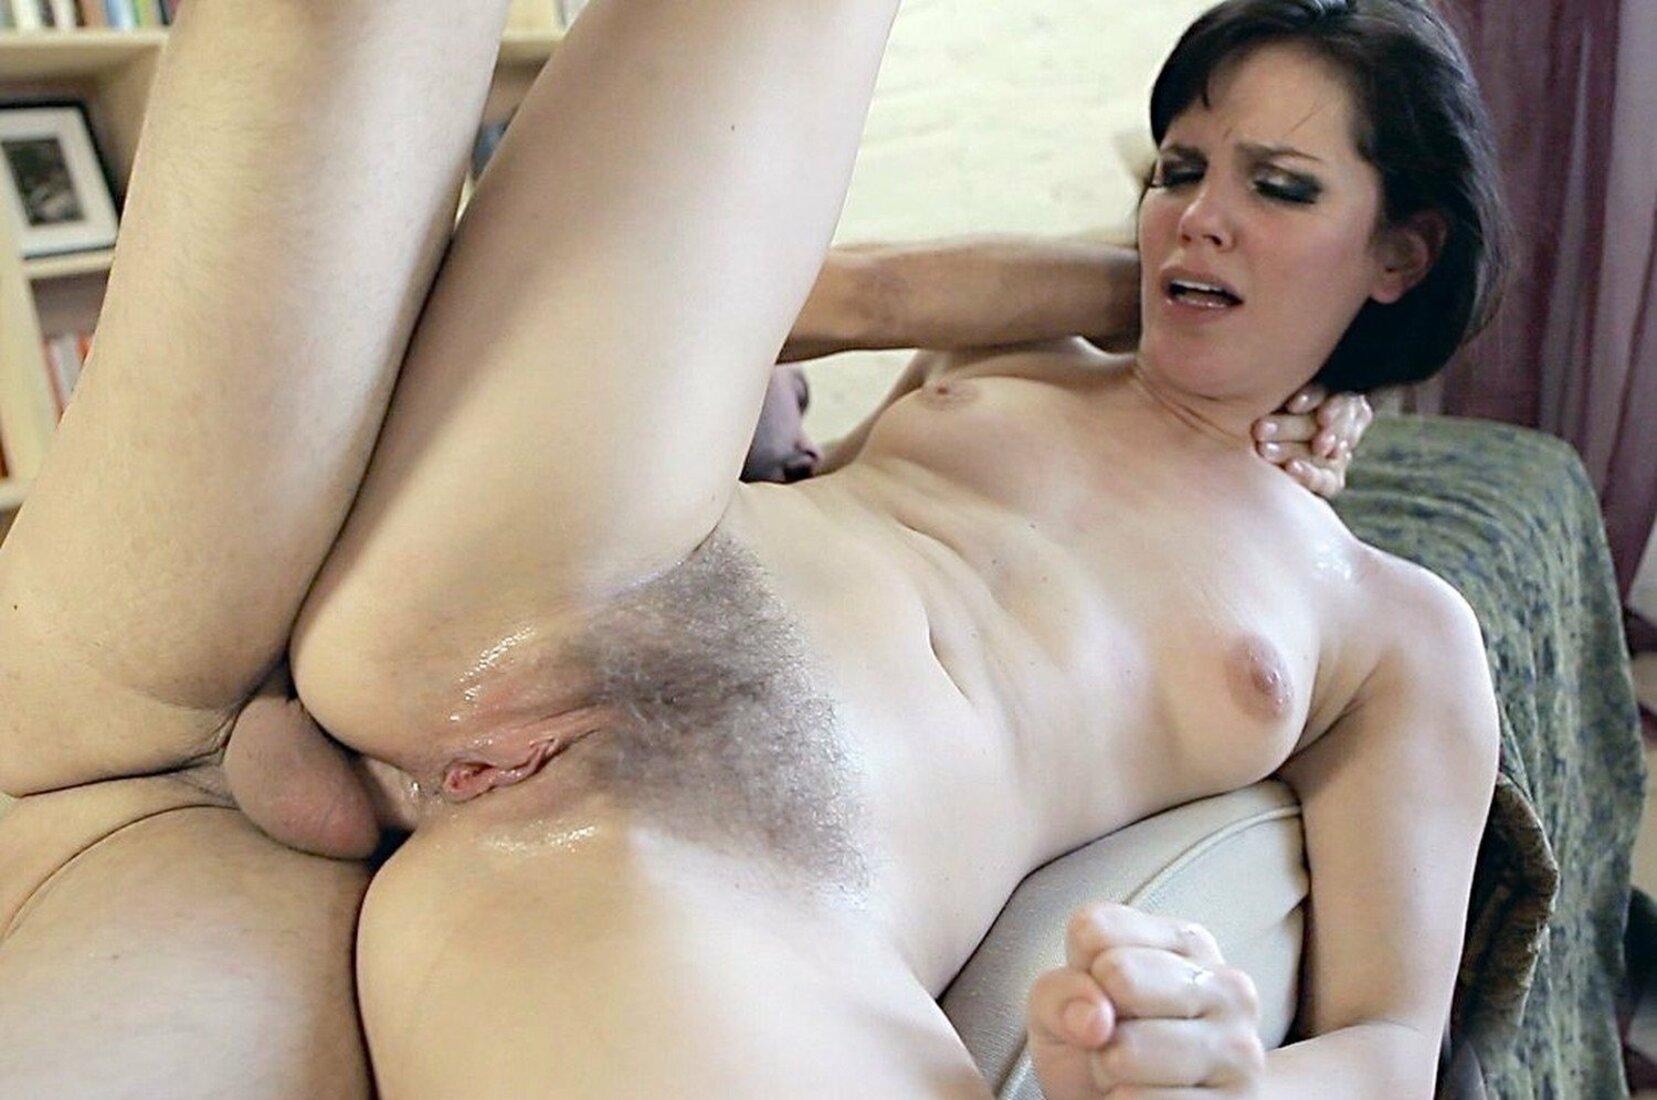 порно фото зрелых женщин с волосатой пиздой